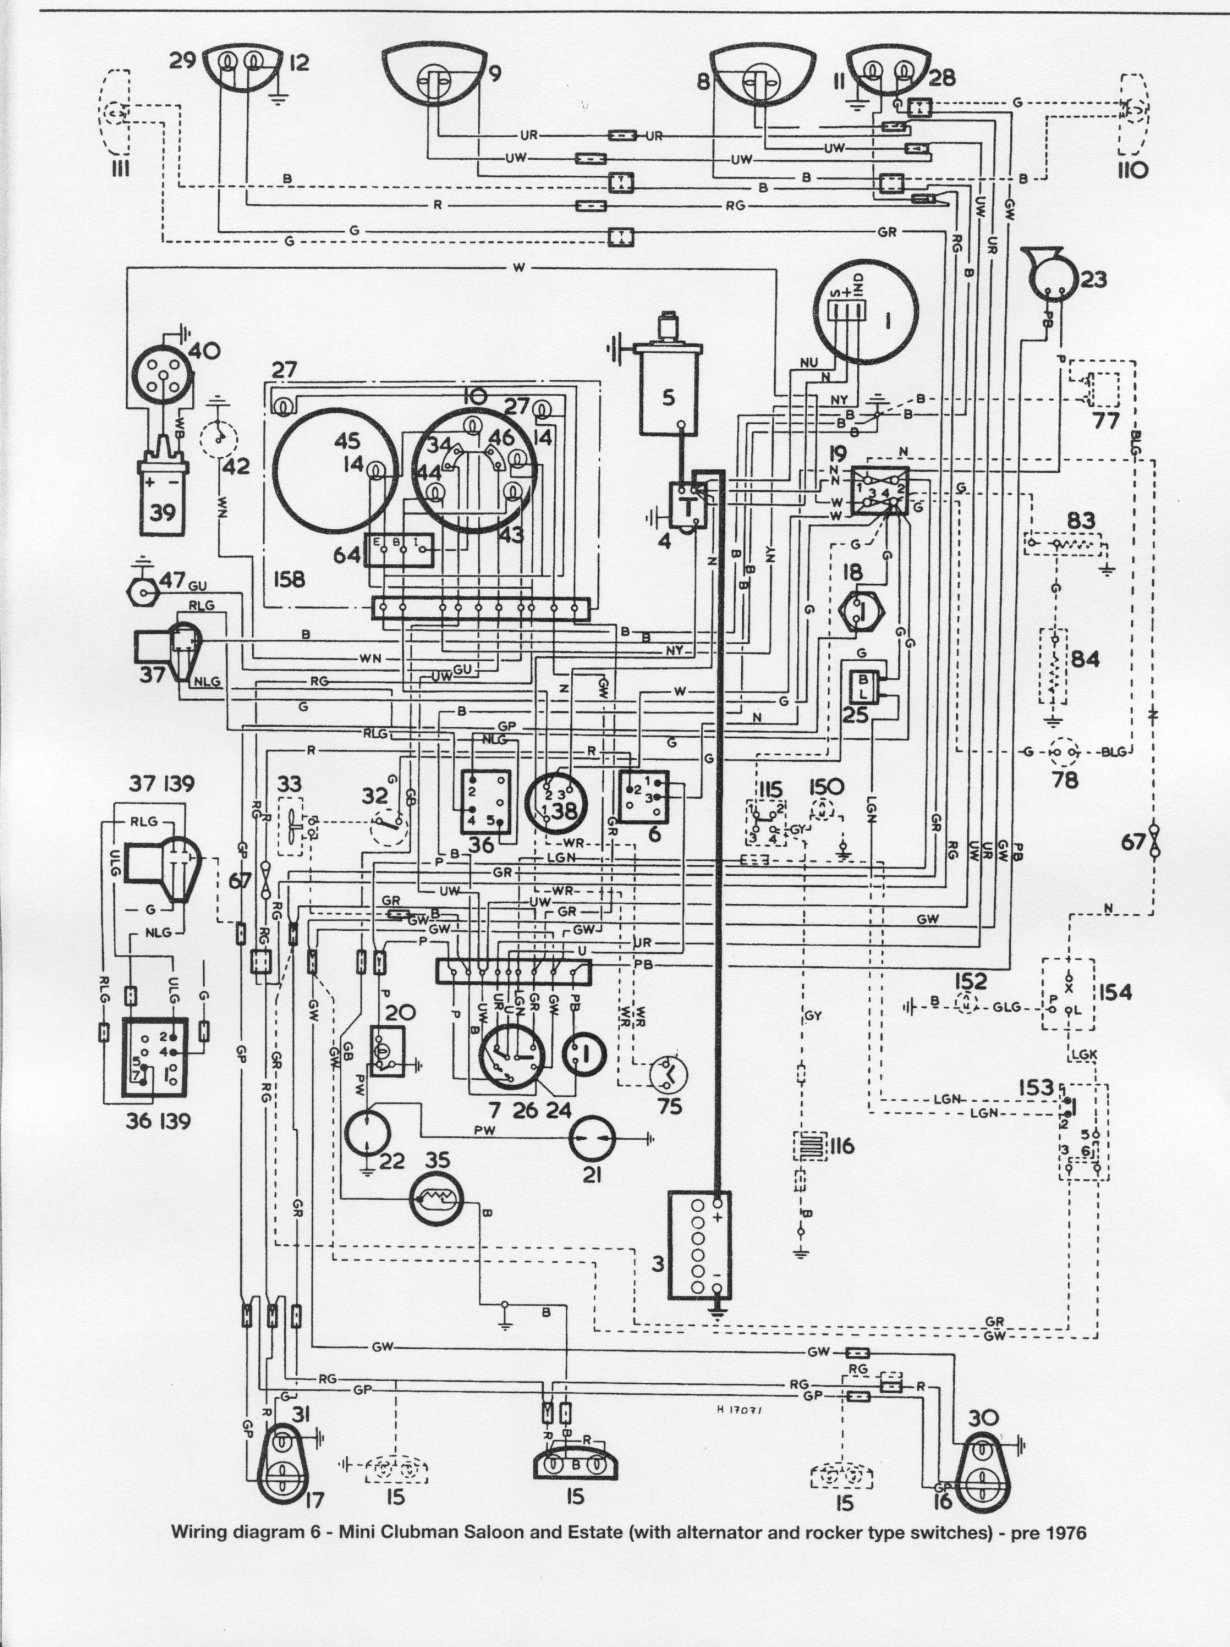 bmw r1200rt headlamp wiring diagram wiring block diagram 2018 BMW RR bmw r1200rt headlamp wiring diagram trusted wiring diagram motorcycle headlight relay wiring diagram bmw r1200rt headlamp wiring diagram